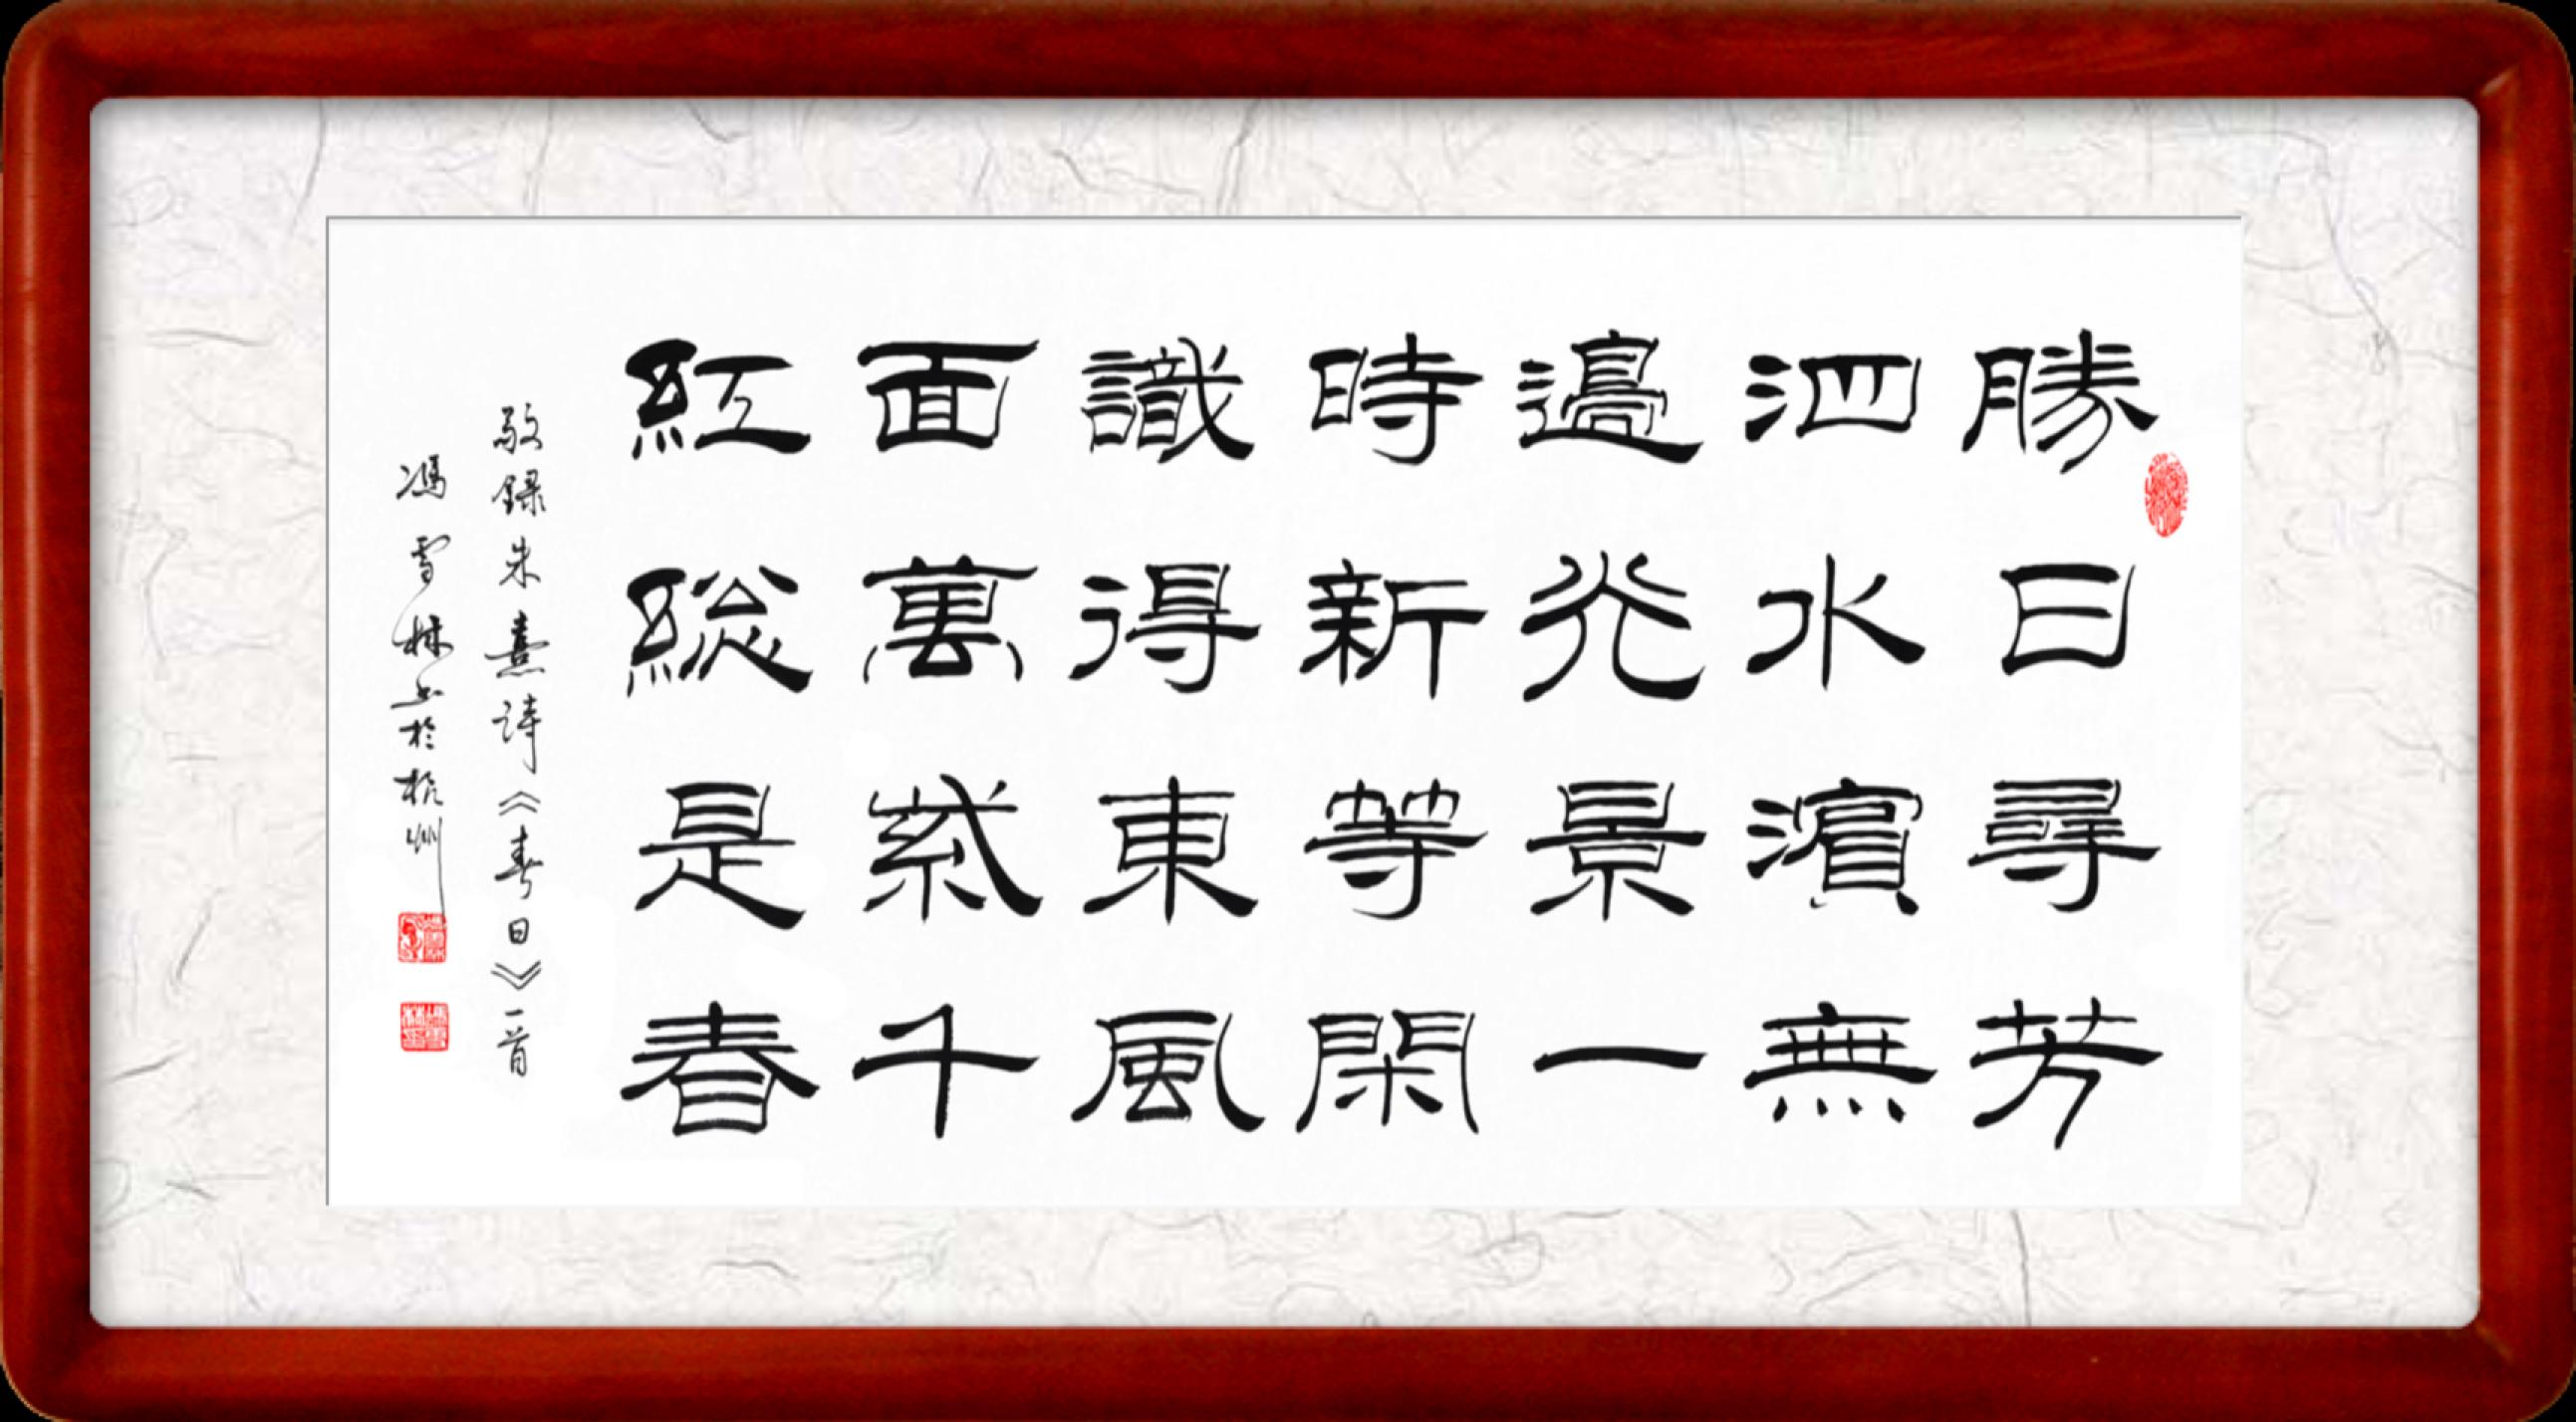 朱熹《春日》隶书书法作品欣赏